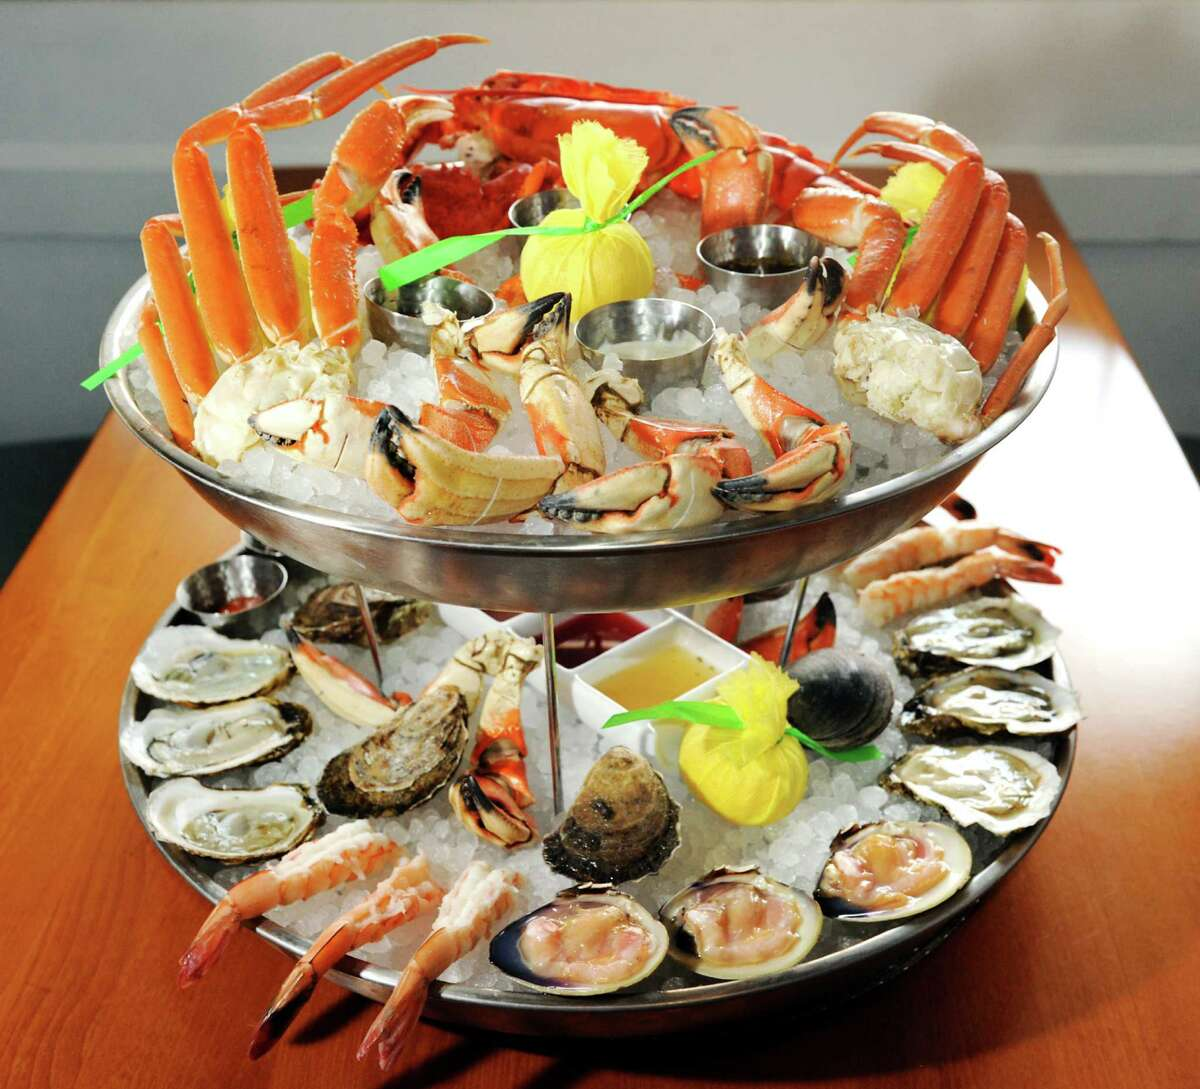 3. Reel Seafood, 195 Wolf Rd., Colonie.